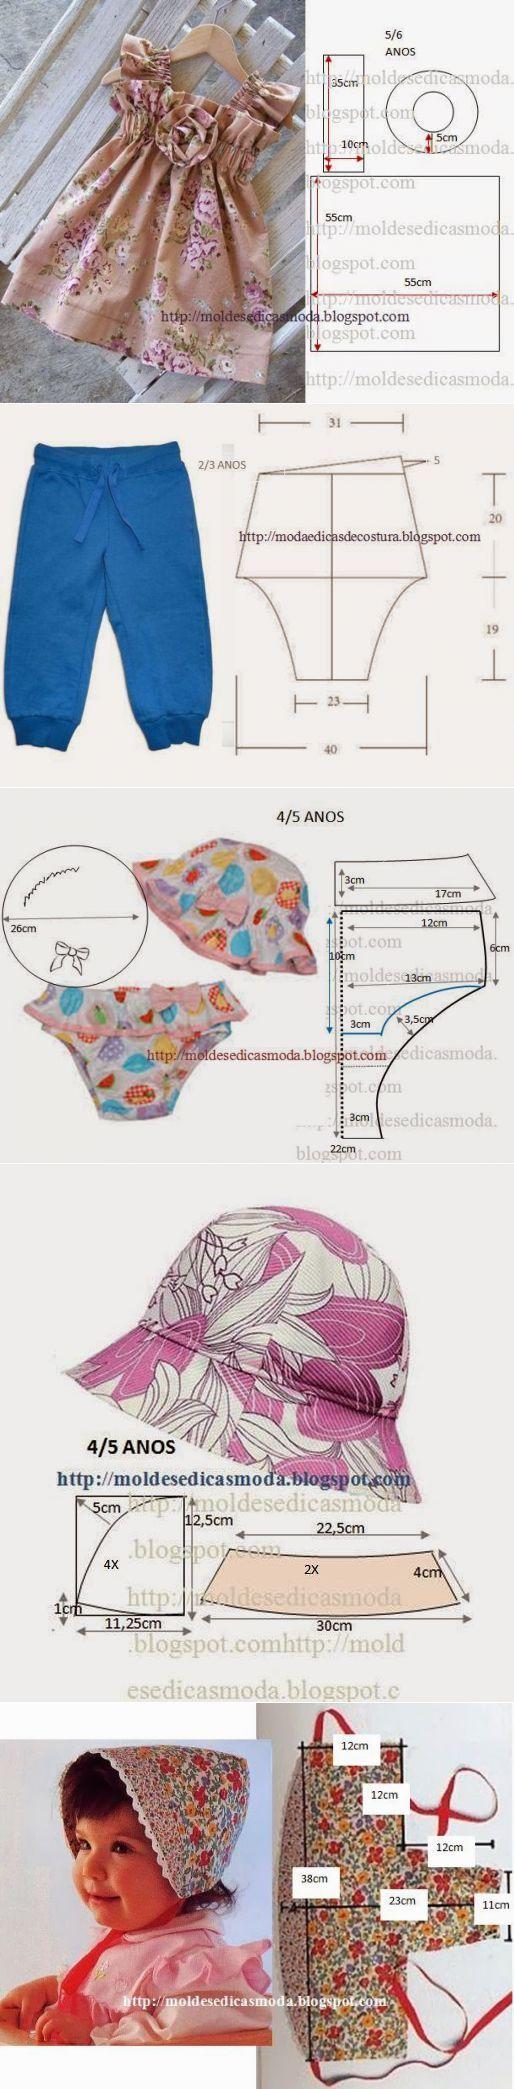 Моделирование детской одежды.(2 часть):